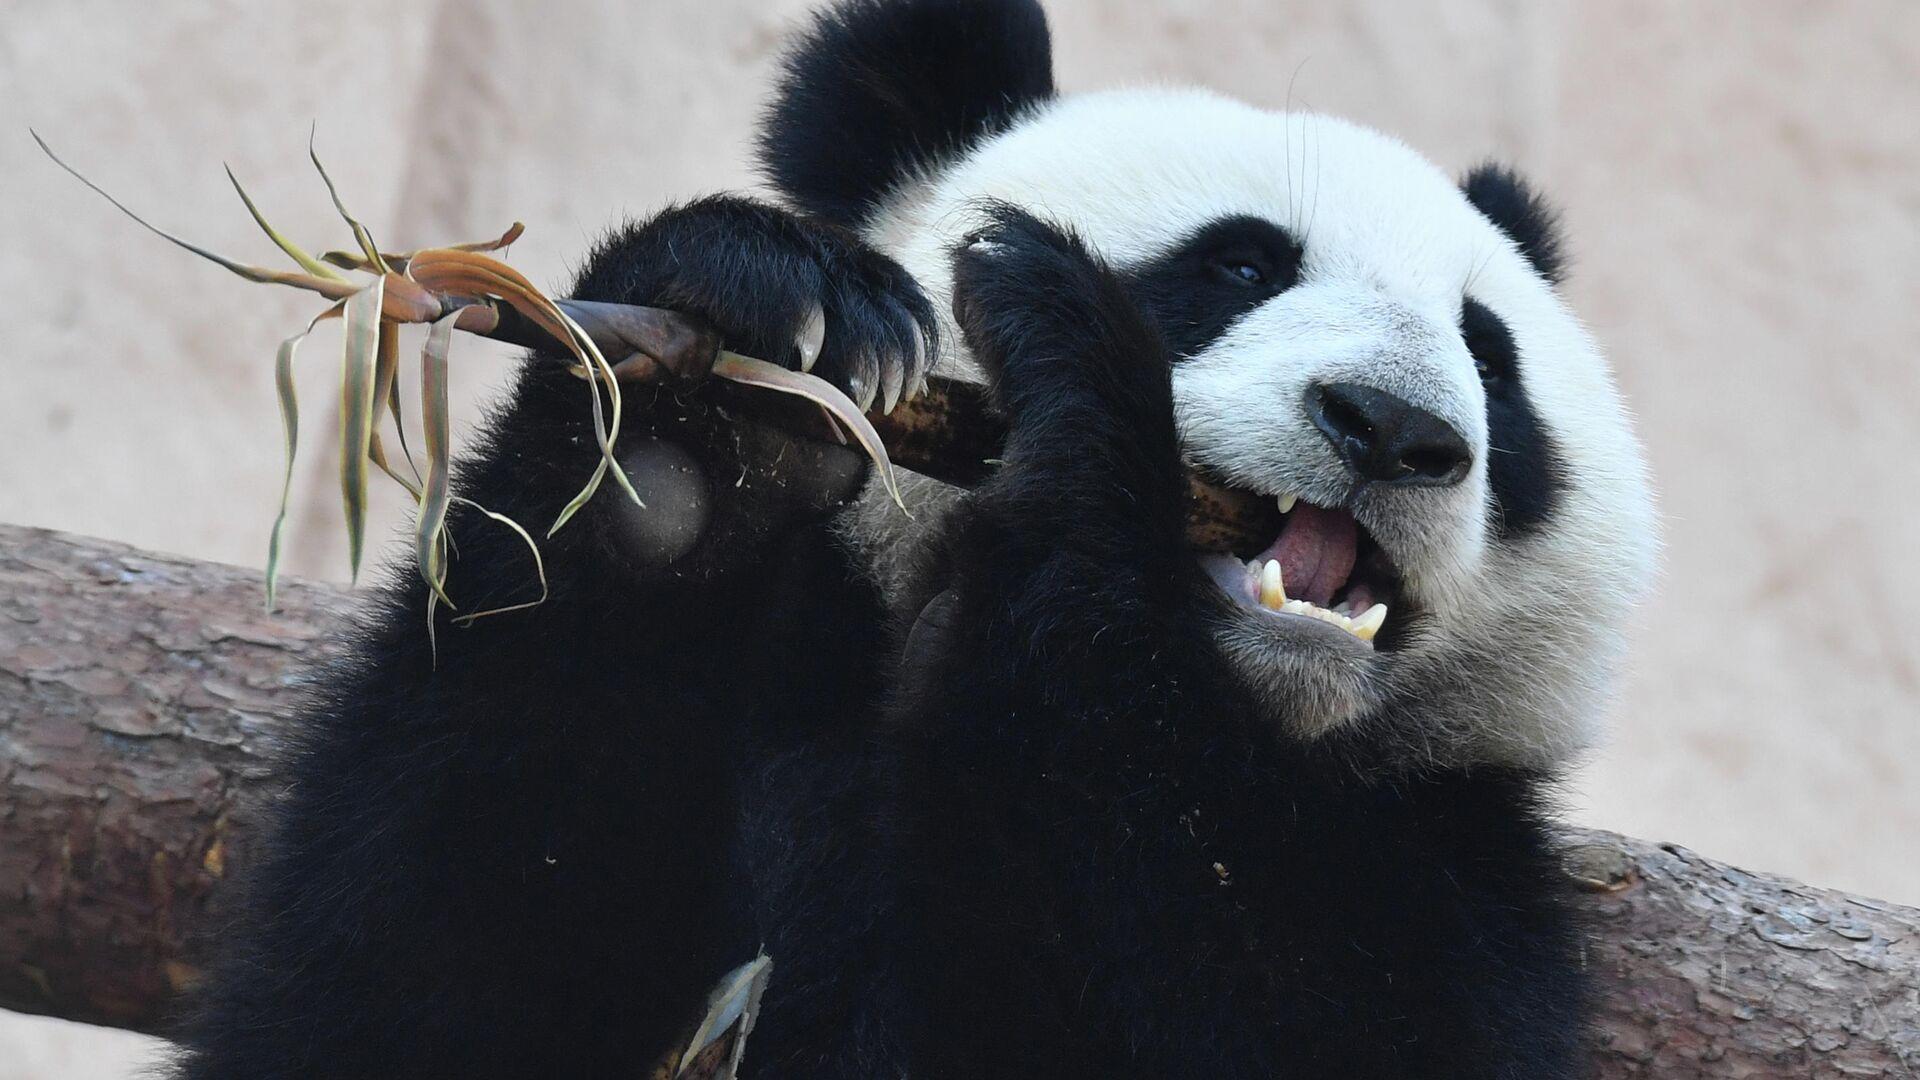 Большая панда, переданная Китаем Московскому зоопарку, в павильоне Фауна Китая - РИА Новости, 1920, 25.06.2021